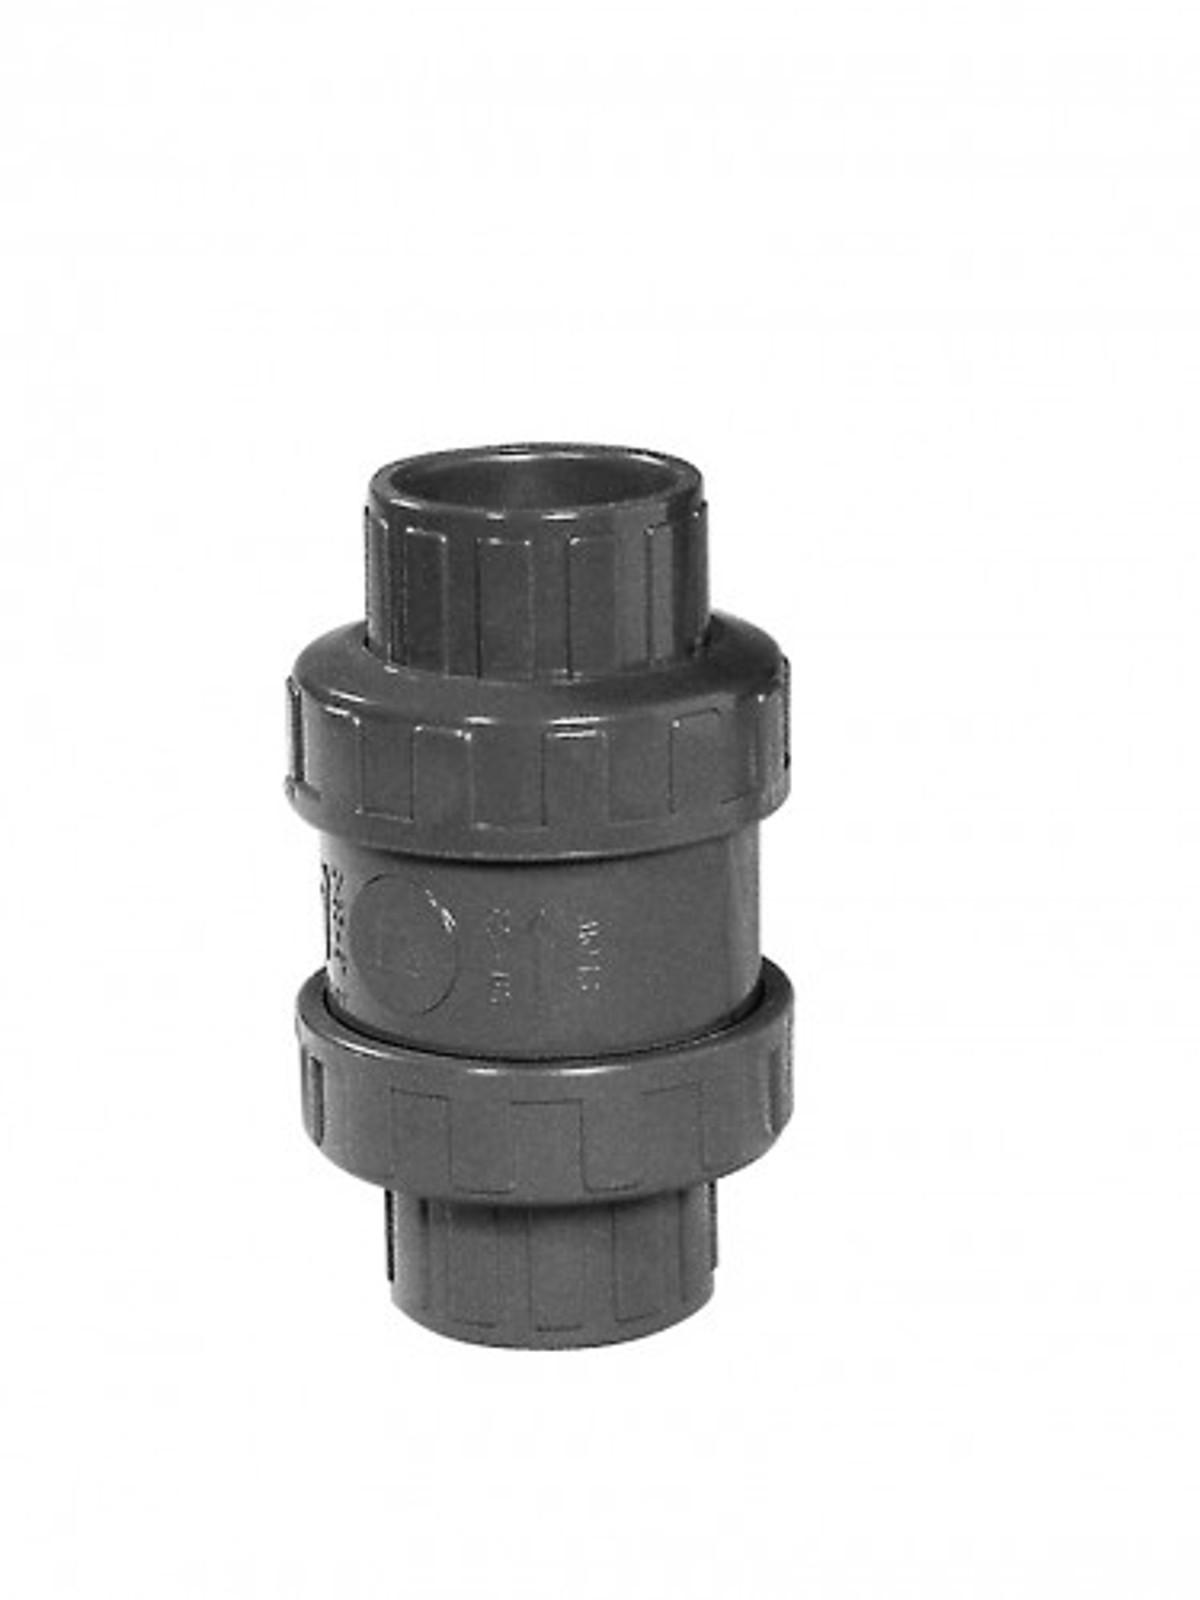 PVC-Rückschlagventil m. O-Ring, Ø 75 mm